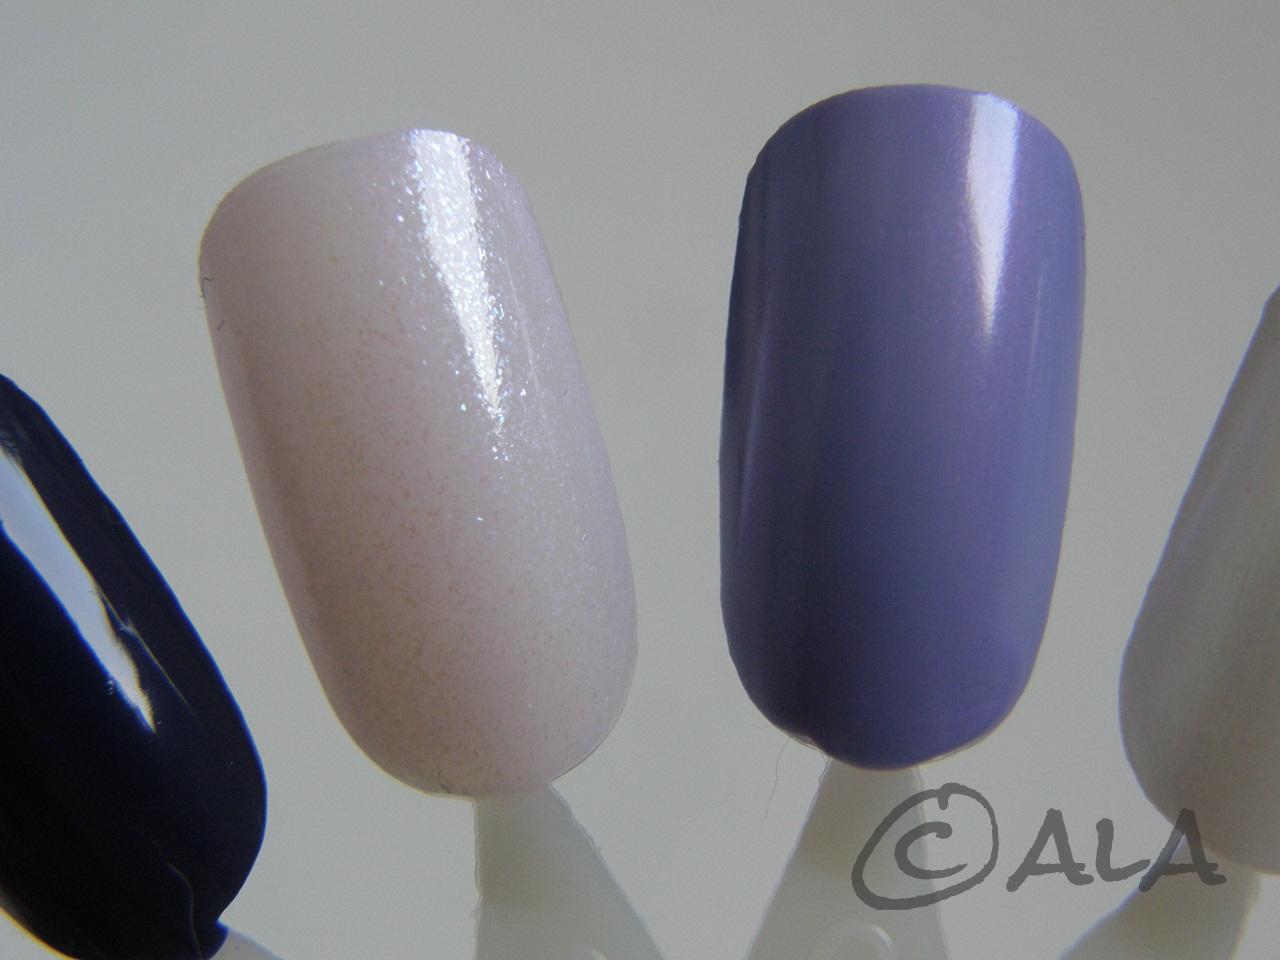 http://1.bp.blogspot.com/-DGf8vxP_bDc/T1tx9PxKEhI/AAAAAAAABVU/_h9Igzads98/s1600/essie+resort+2012+5.JPG